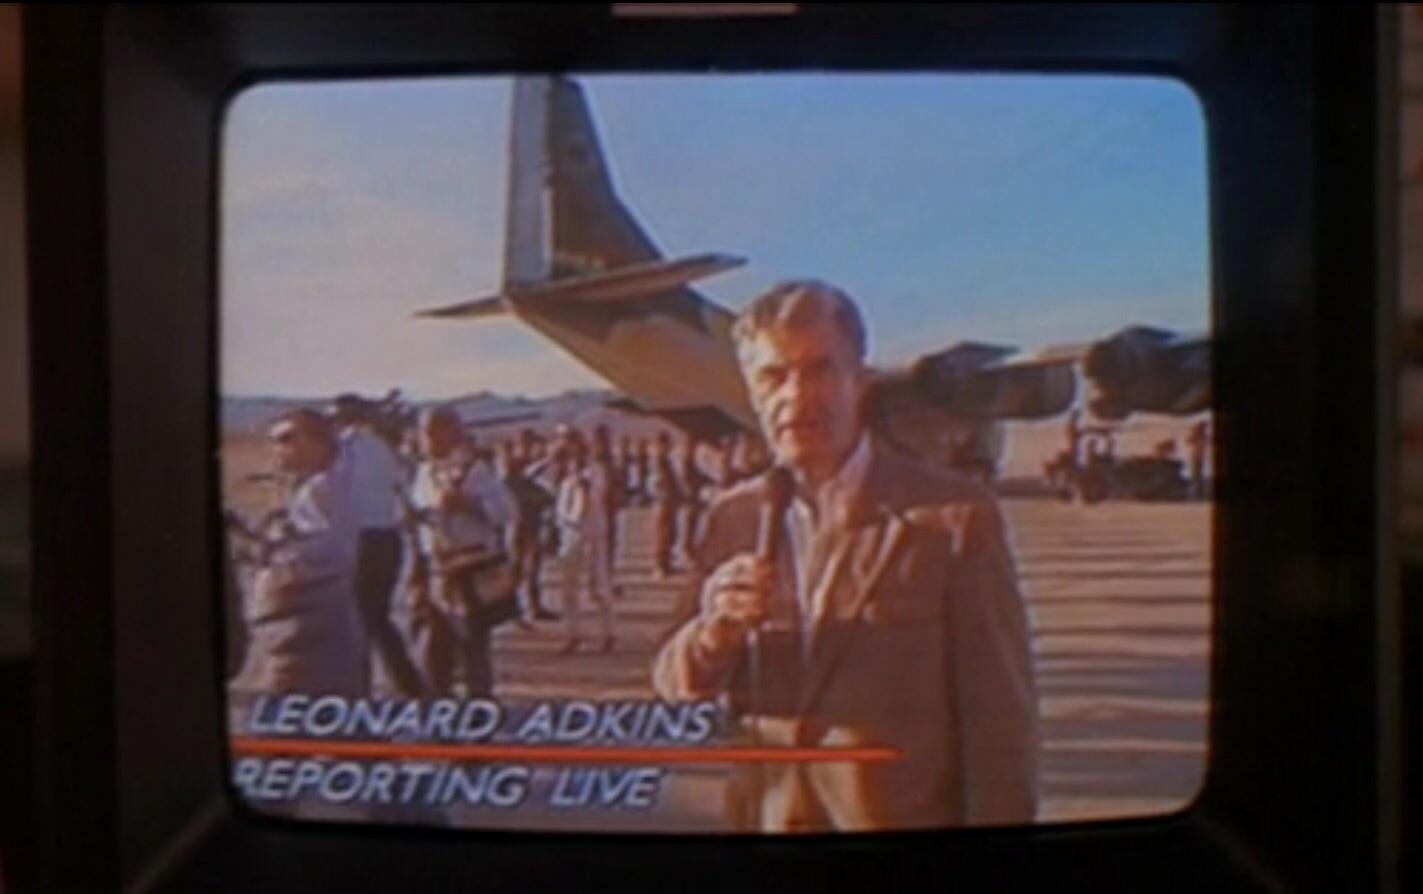 Leonard Adkins